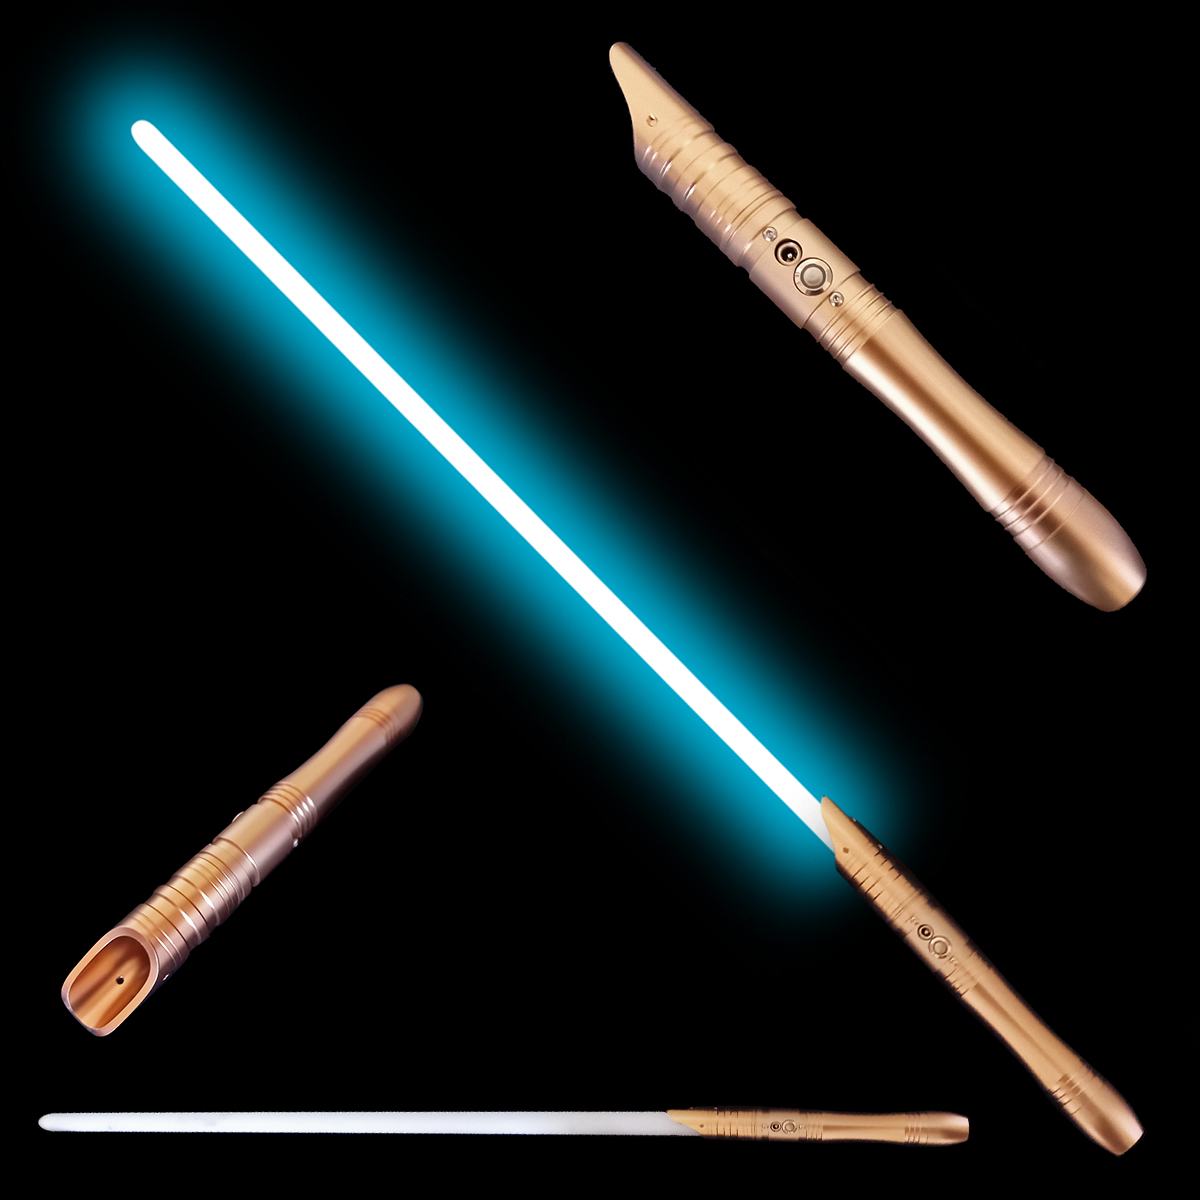 """Svetelný meč """"APPRENTICE OF JEDI ORDER"""" plne kontaktný, Multi-color, gold"""